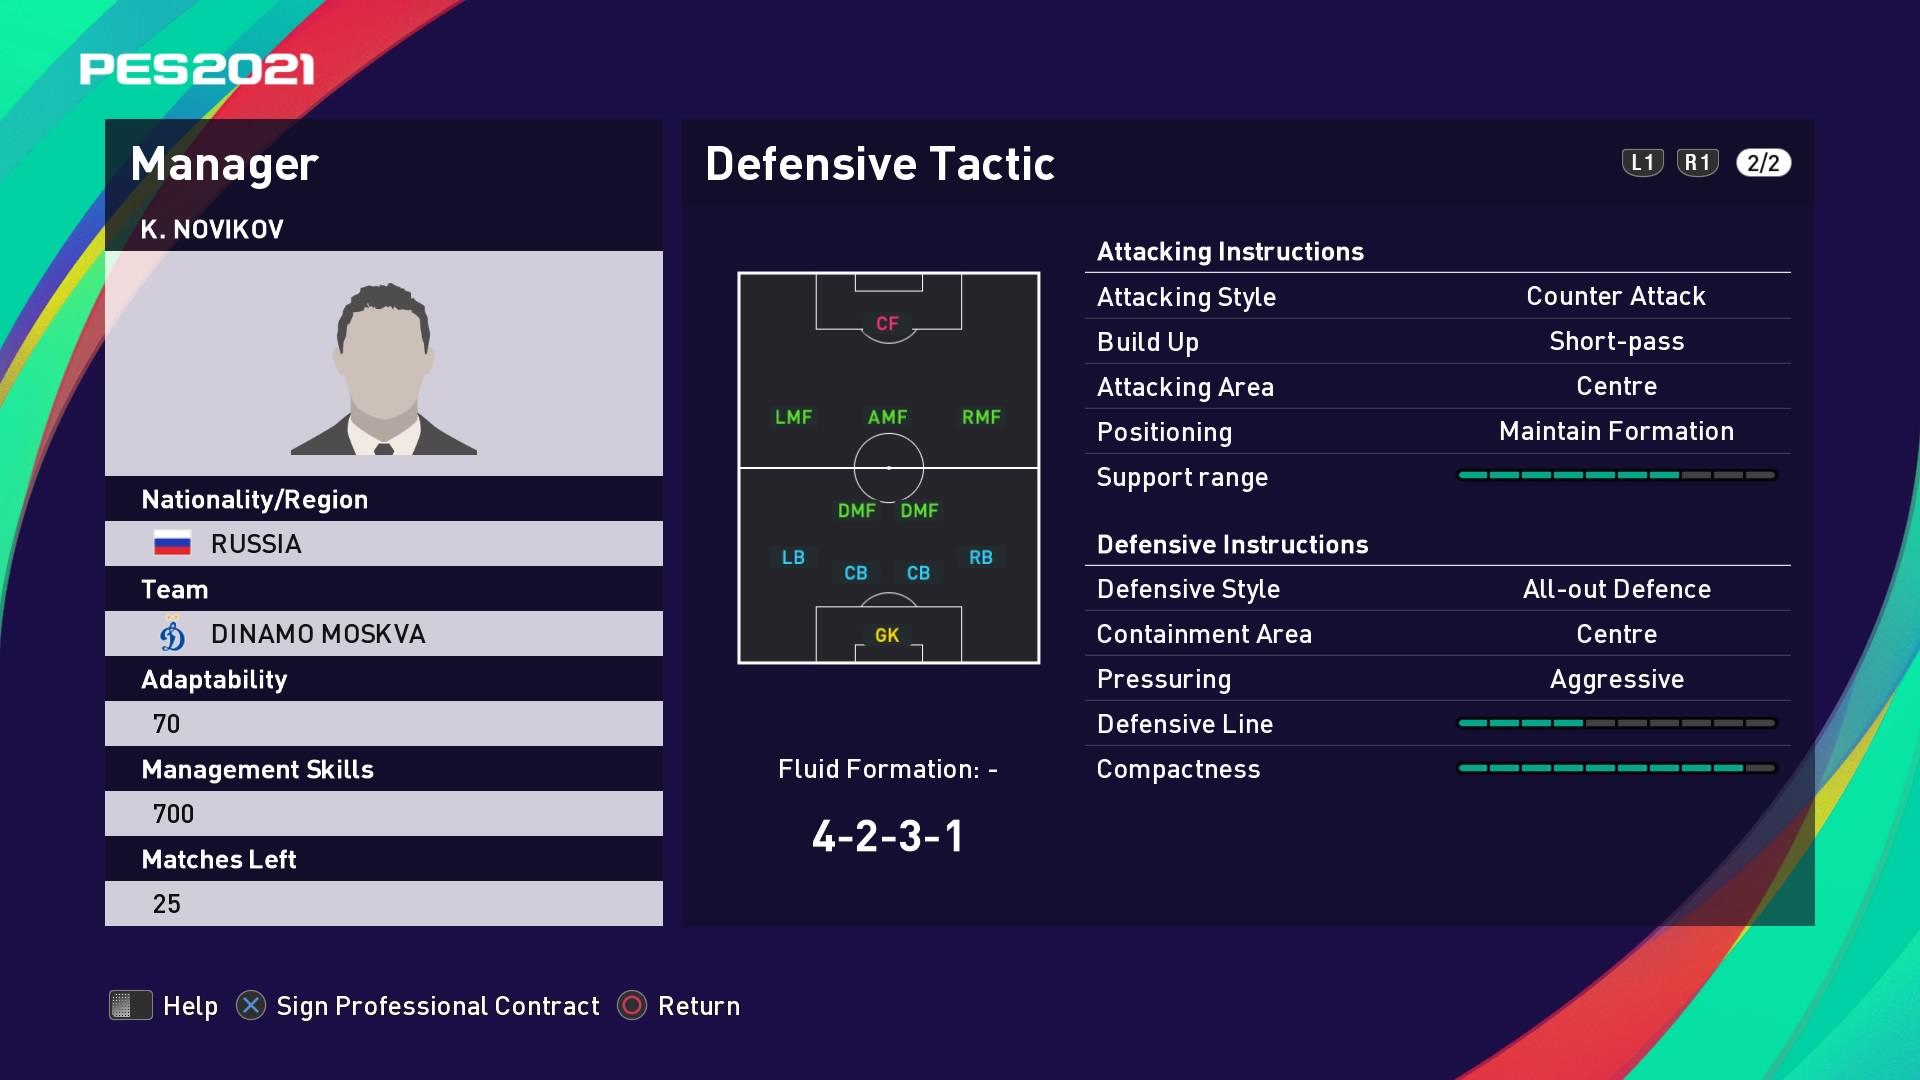 K. Novikov (Kirill Novikov) Defensive Tactic in PES 2021 myClub